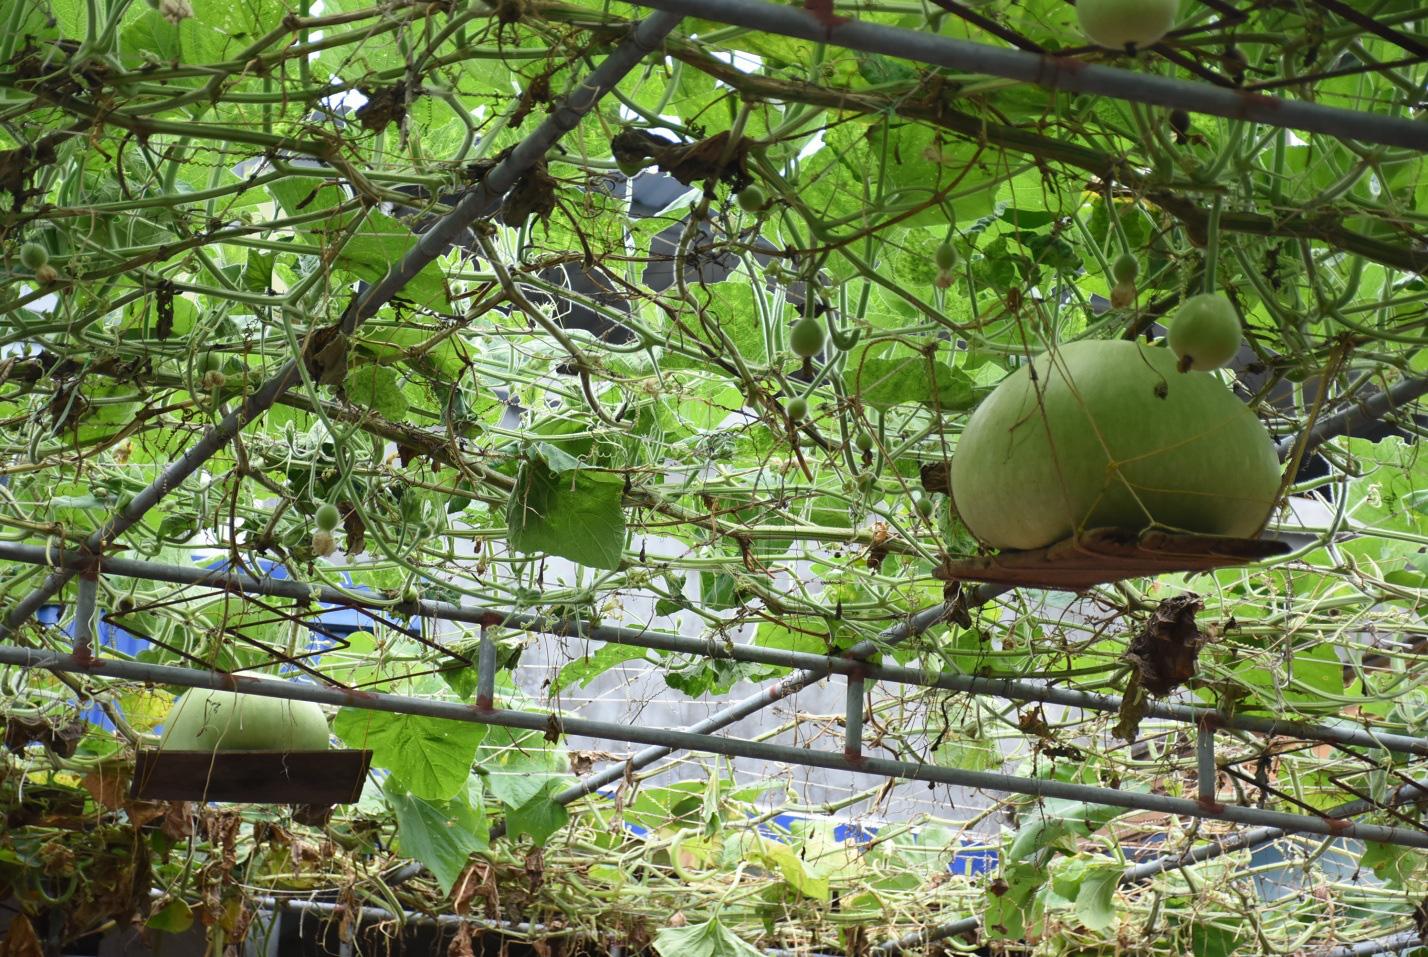 Hải Phòng: Giống bầu lạ, quả tròn khổng lồ mỗi trái nặng 15kg ăn cả tuần không hết - Ảnh 5.